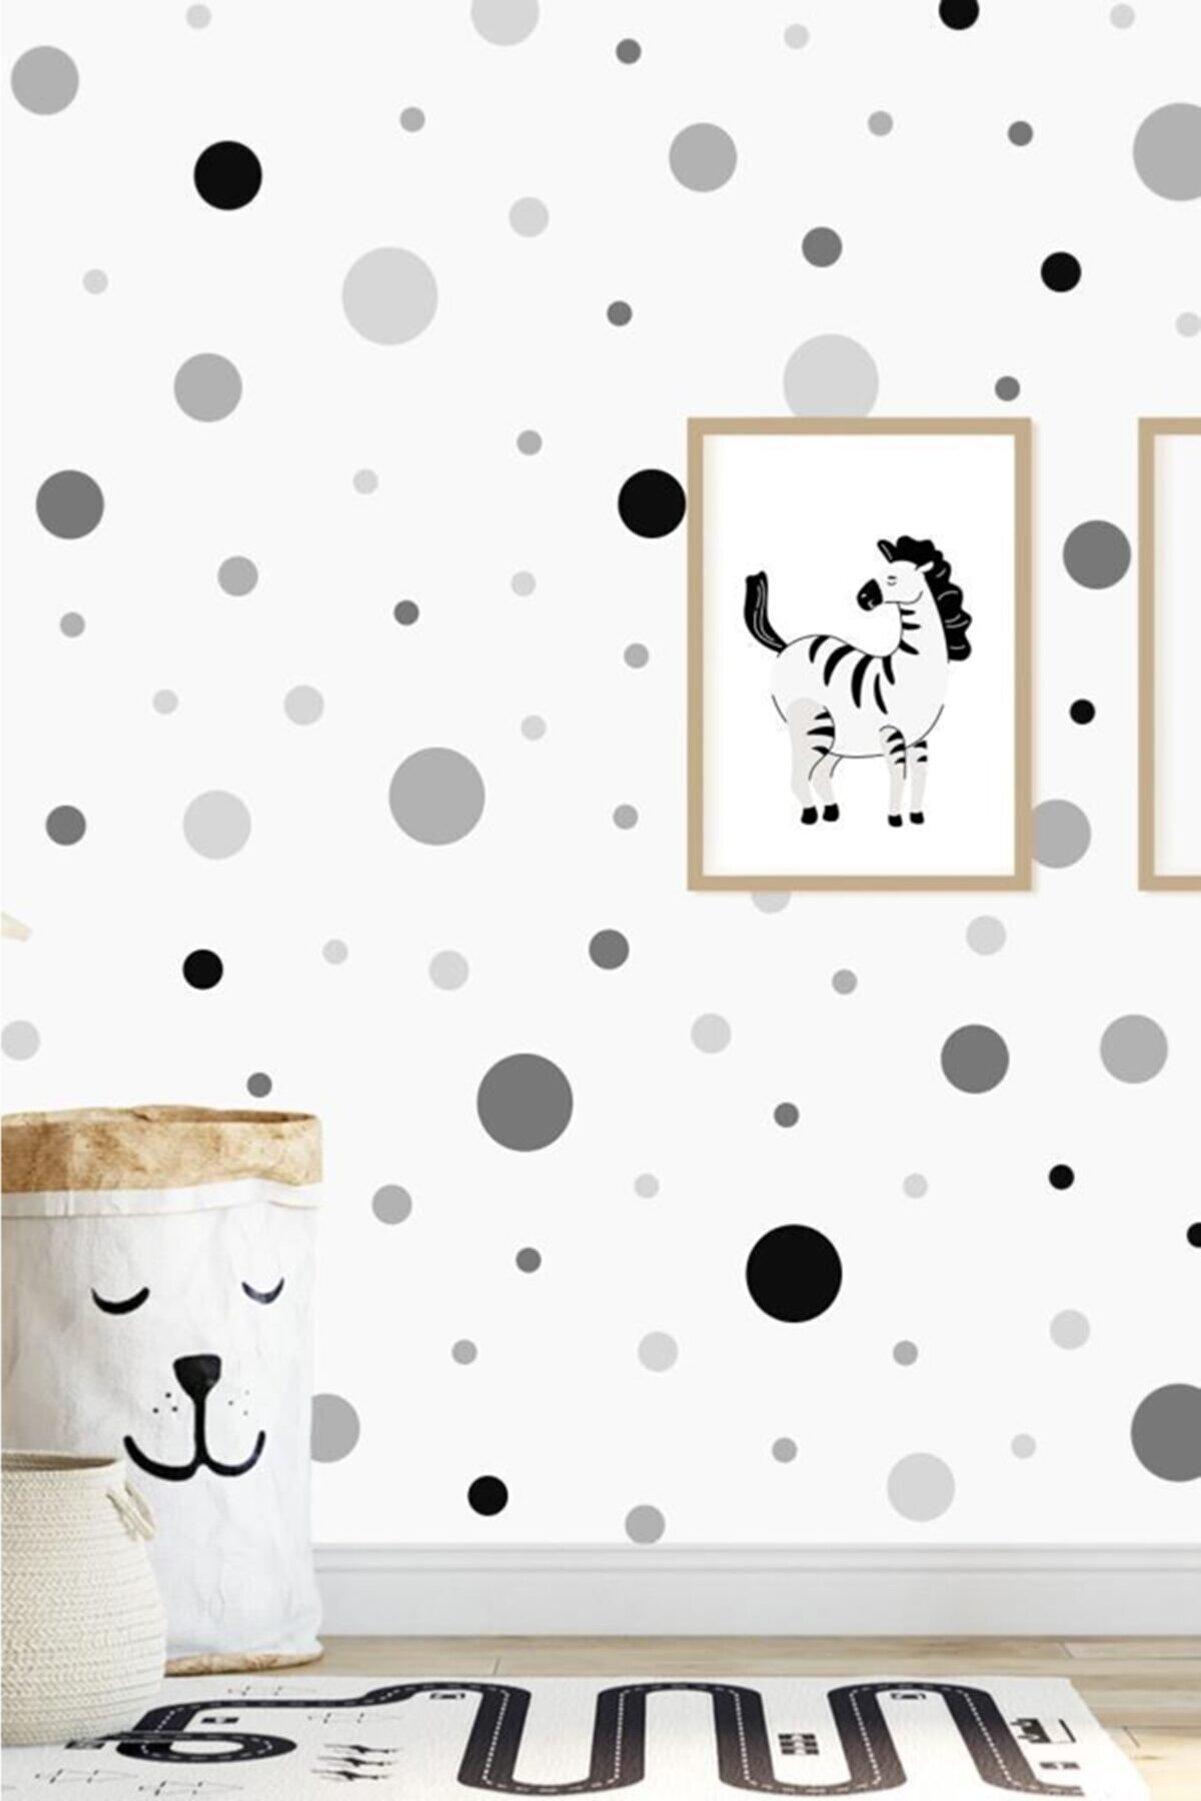 hediyepostası Gri Irili Ufaklı Yuvarlak Şekil Duvar Stickerı 95 Adet